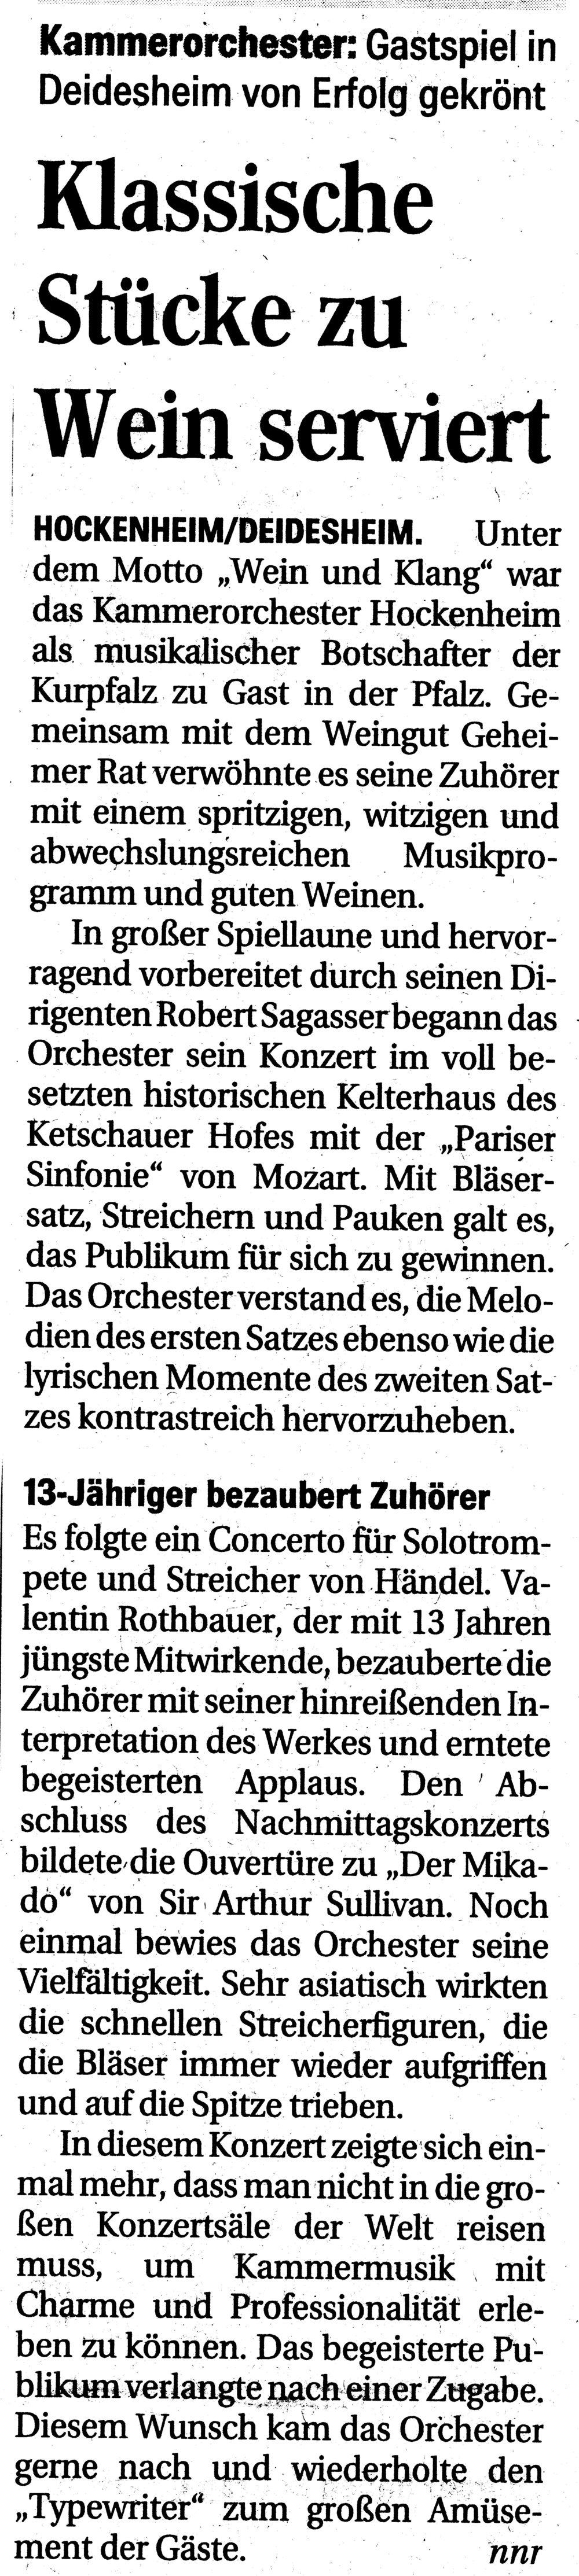 Hockenheimer Tageszeitung vom 27. Mai 2015